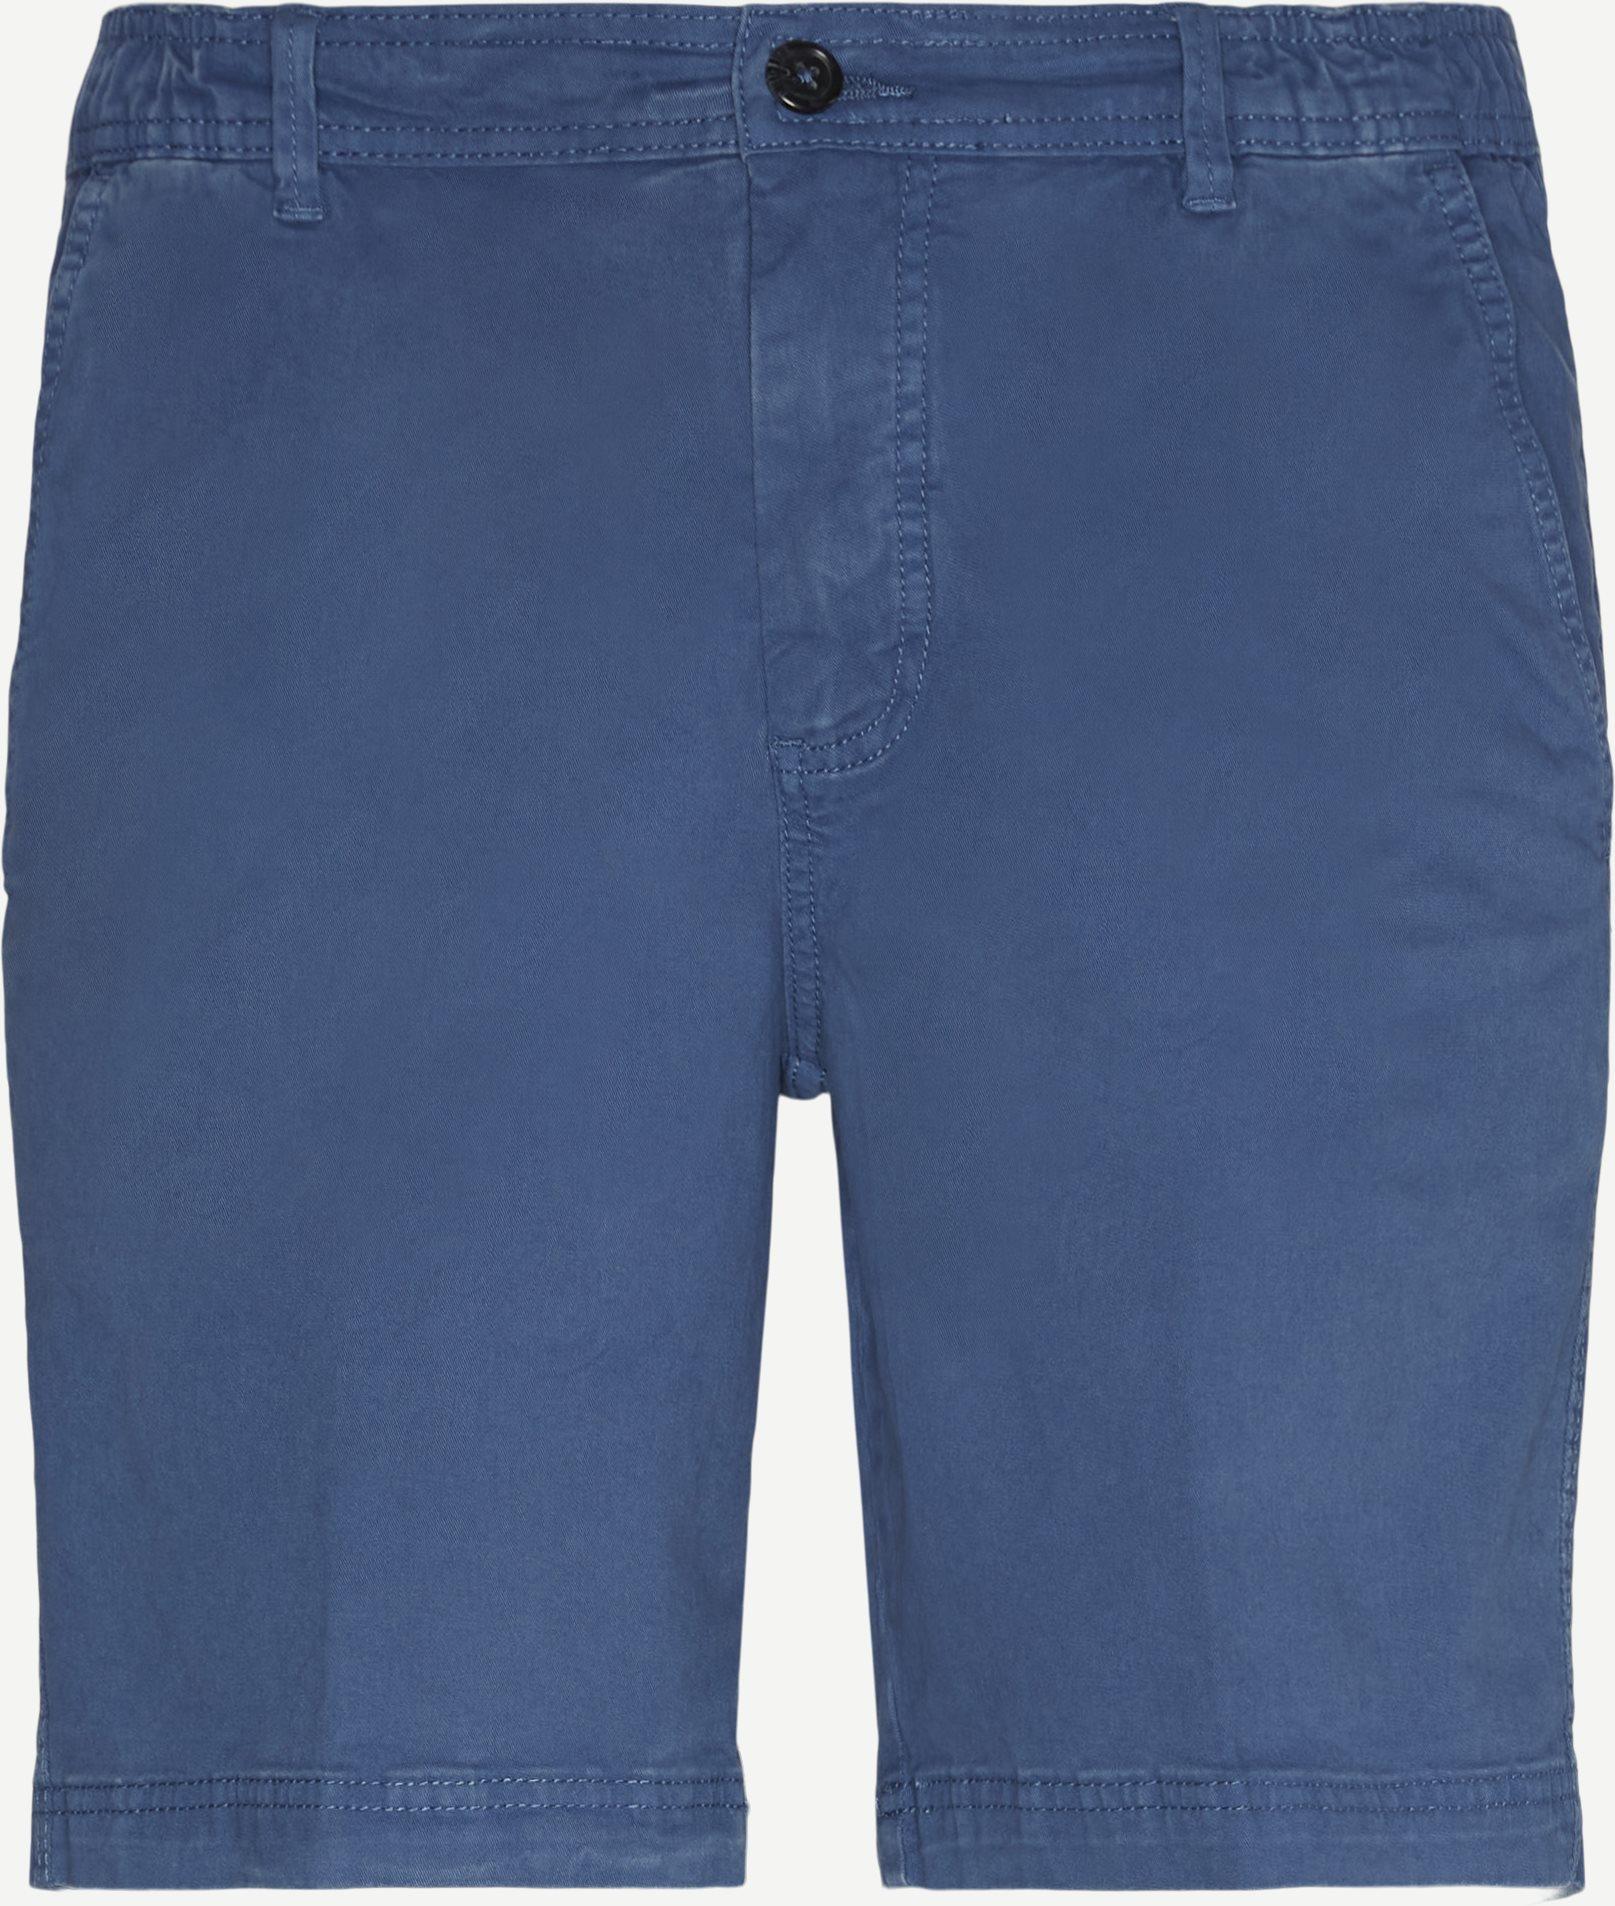 Shorts - Regular - Blue